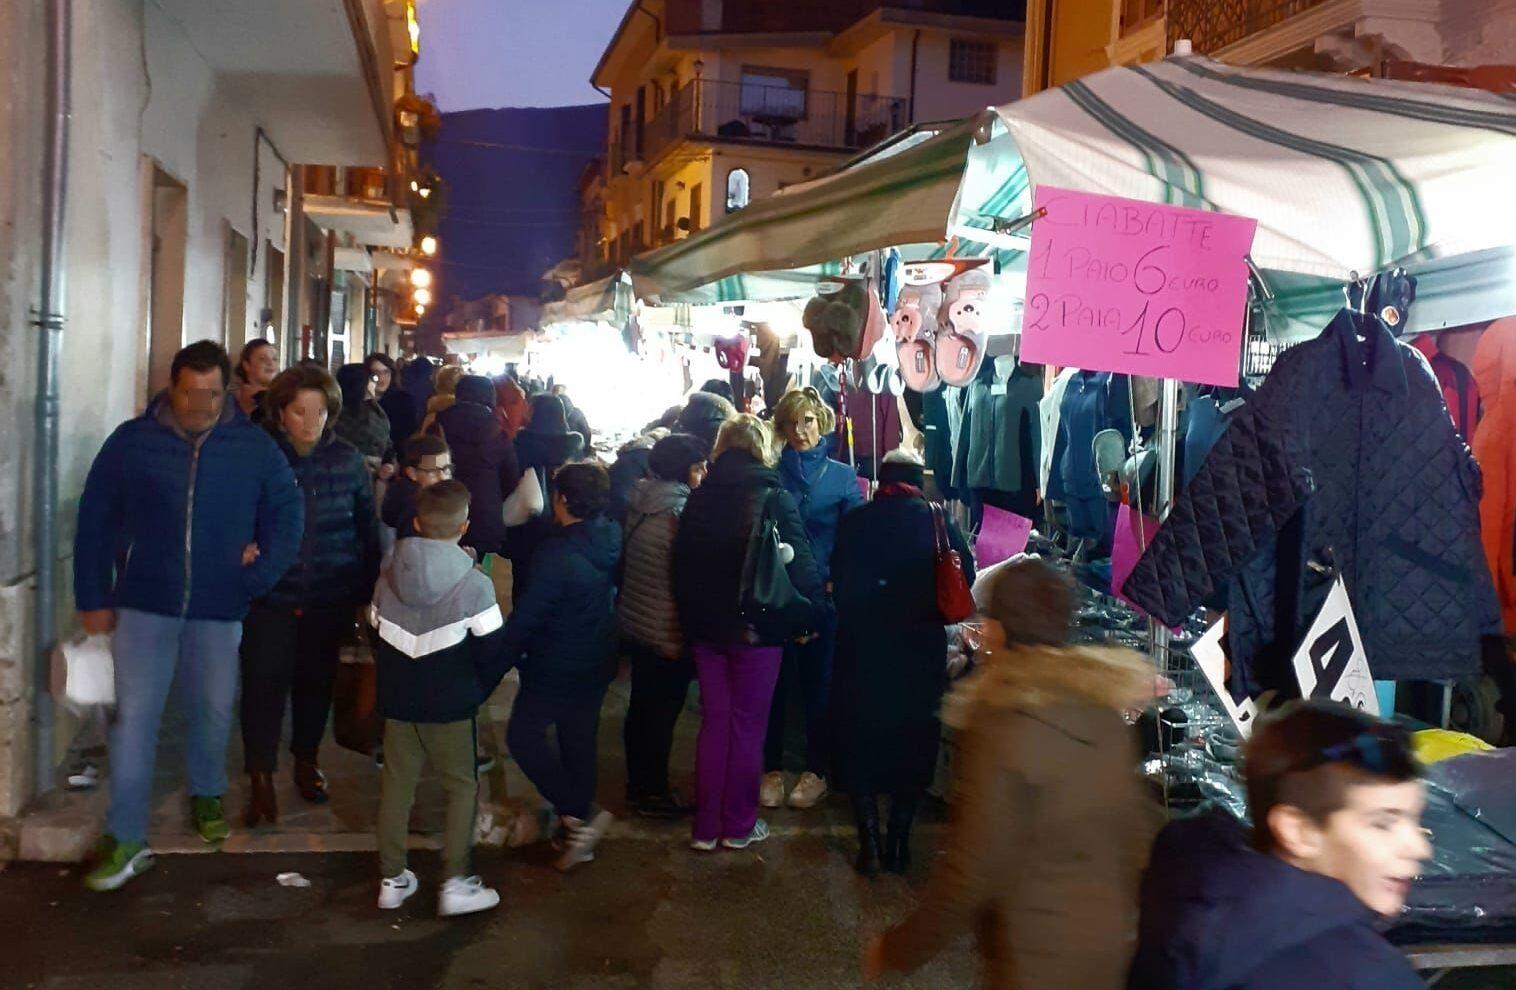 Emergenza Covid: anche quest'anno, ad Avezzano, non ci sarà la Fiera del 25 aprile